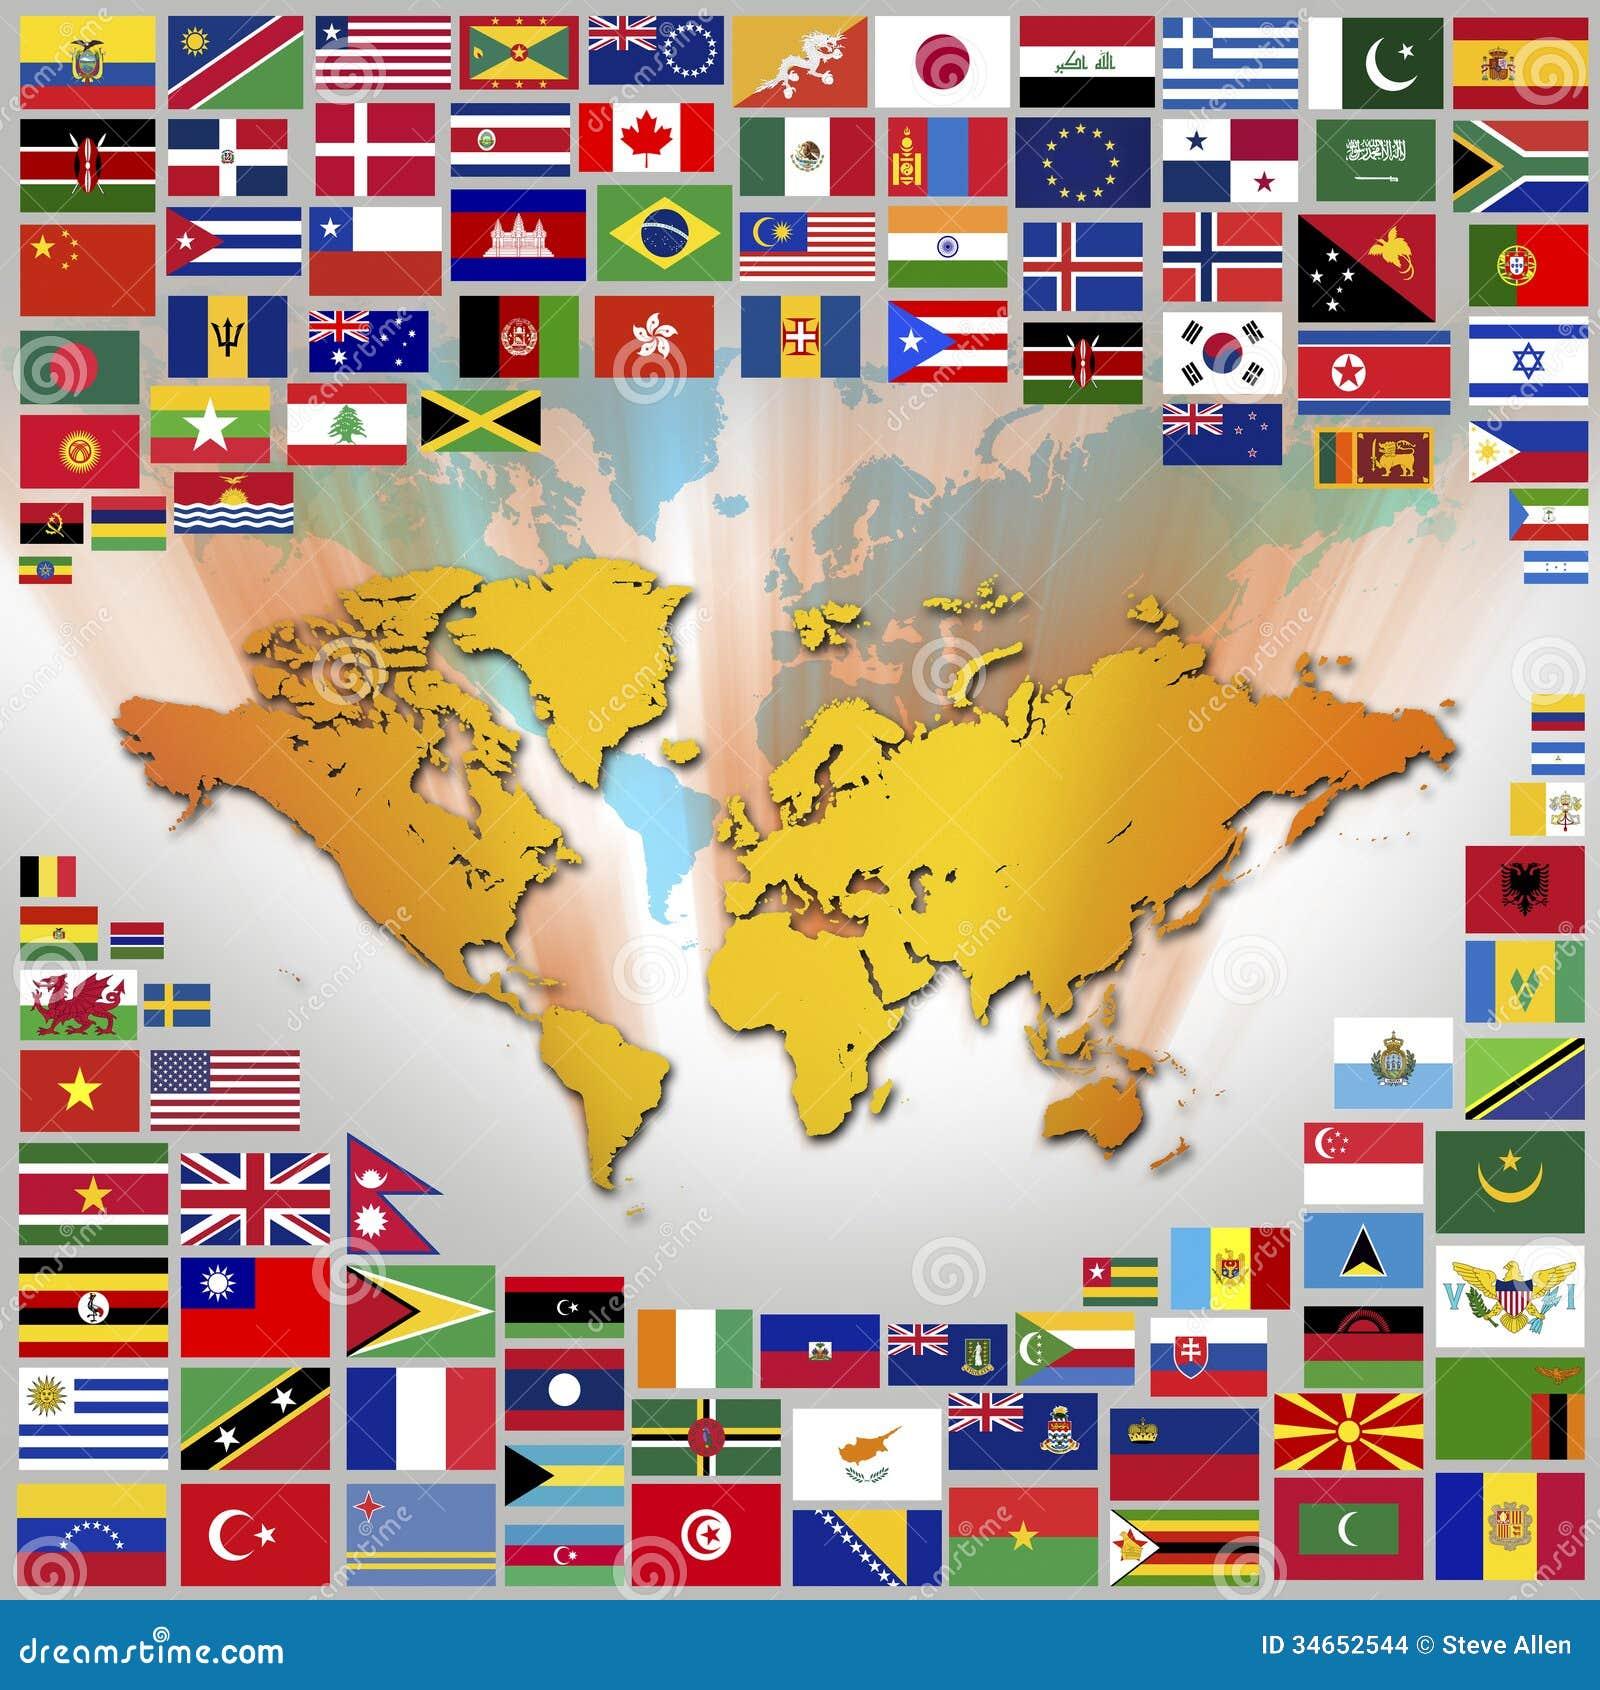 banderas nacionales y mapa del mundo imagenes de archivo On mundo del espectaculo internacional